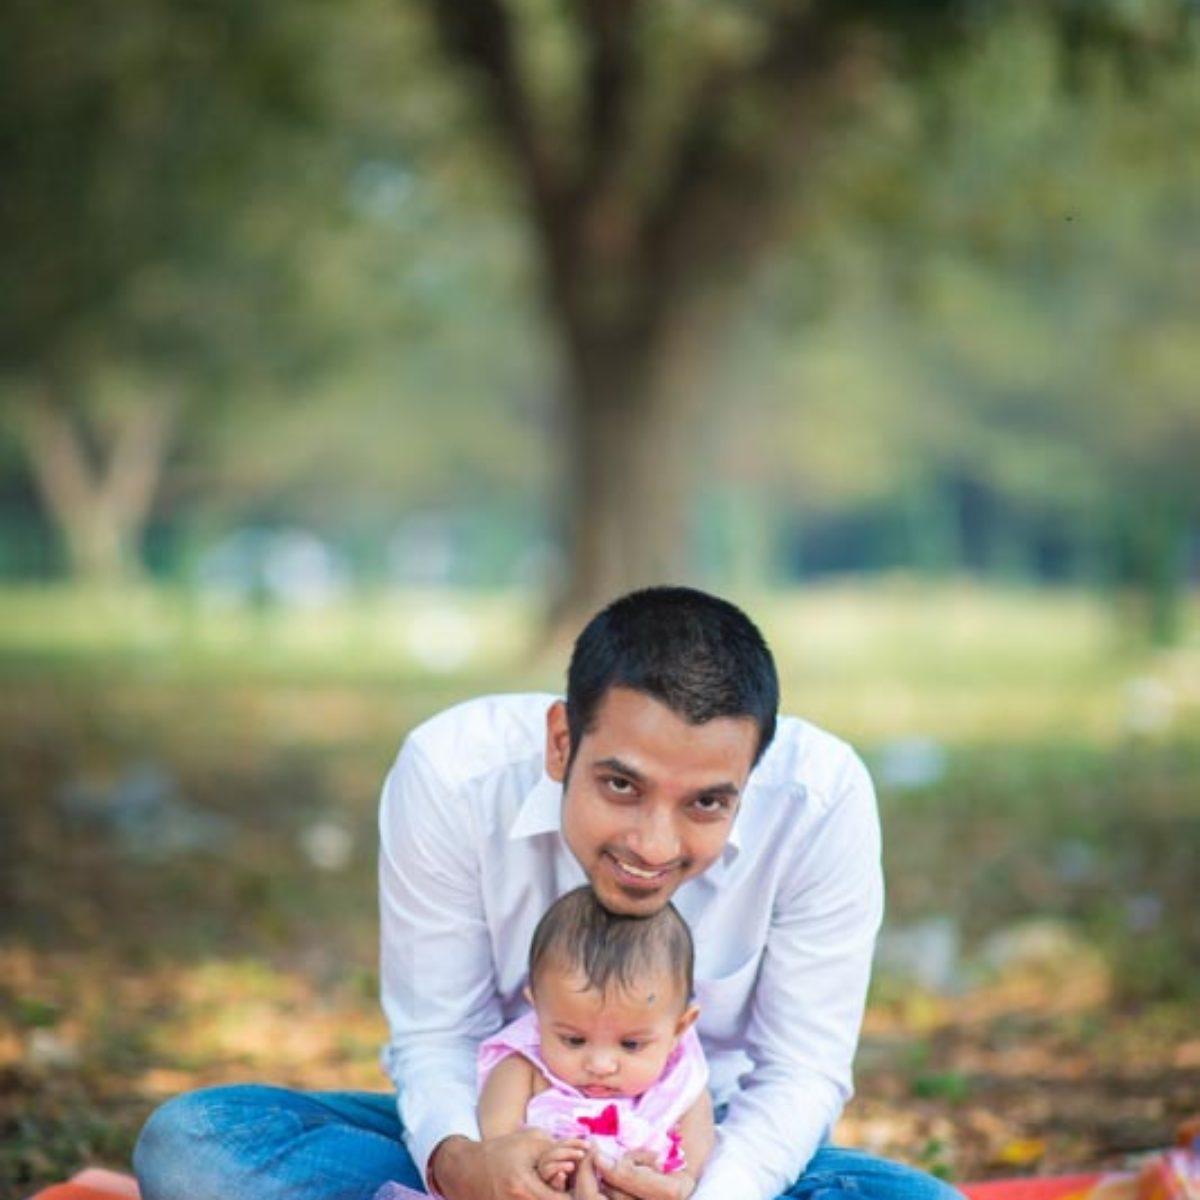 Babies & Kid Outdoor Shoot